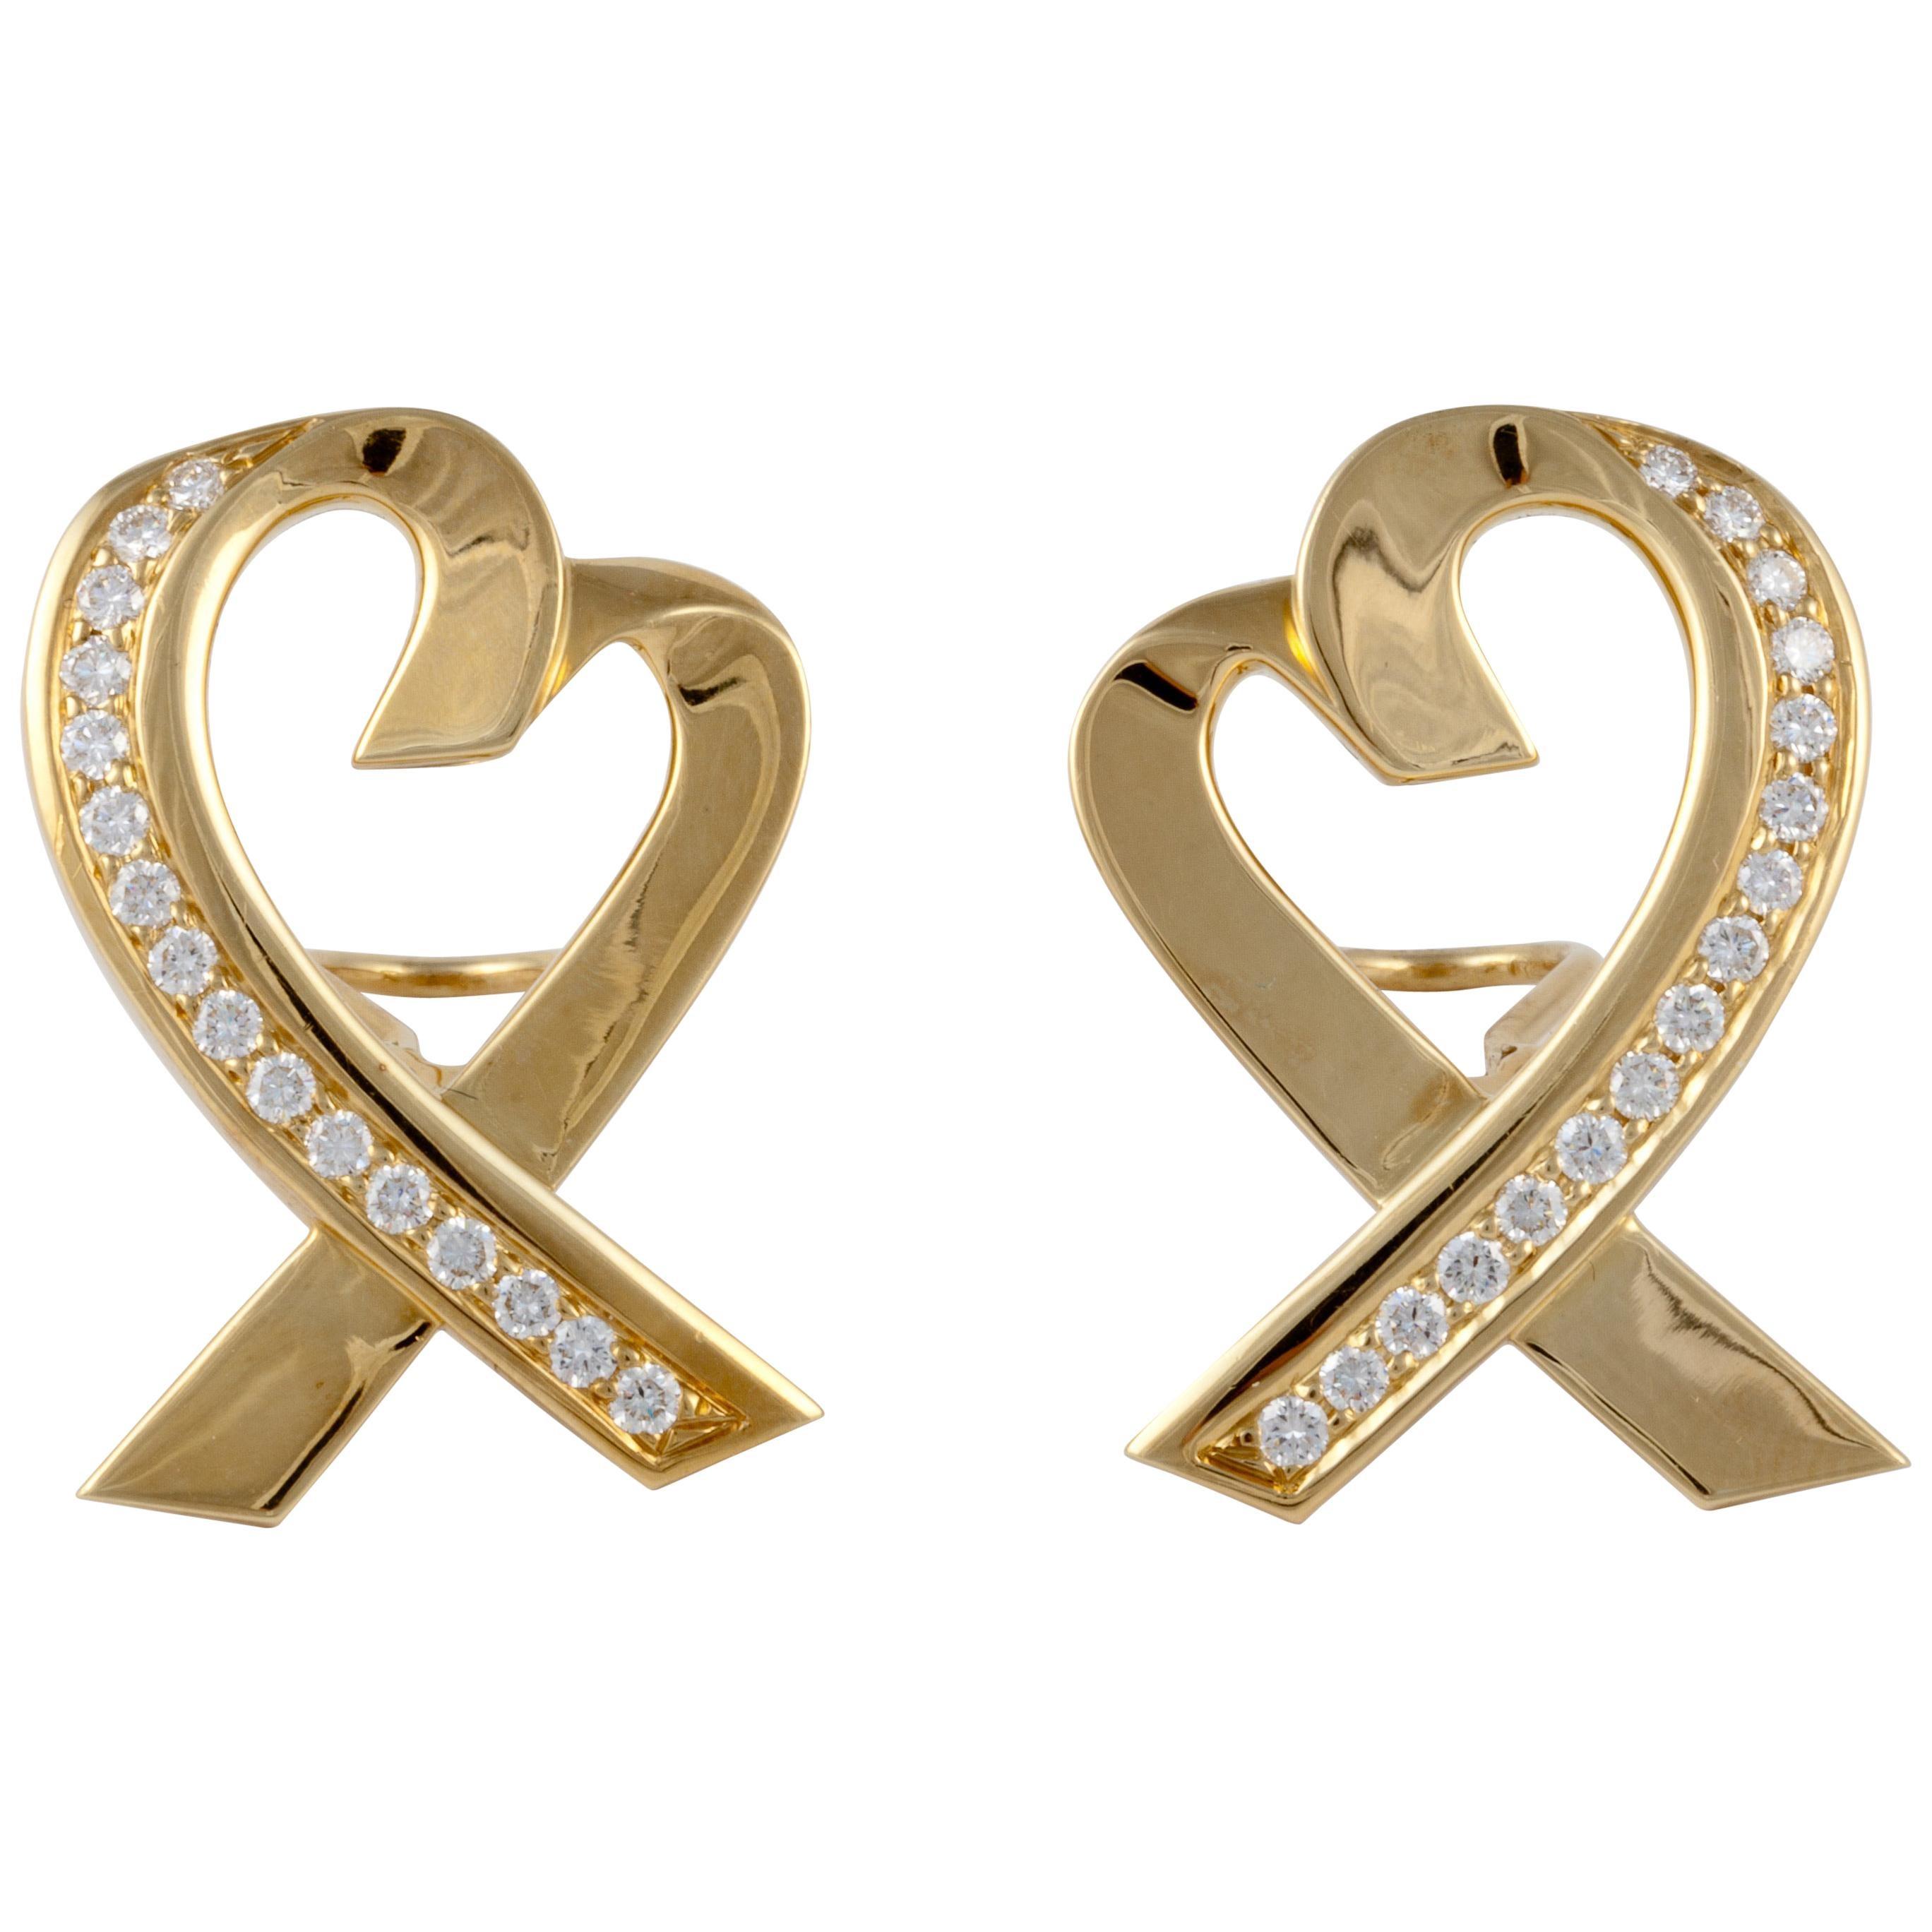 Tiffany & Co. Paloma Picasso Diamond Heart Earrings